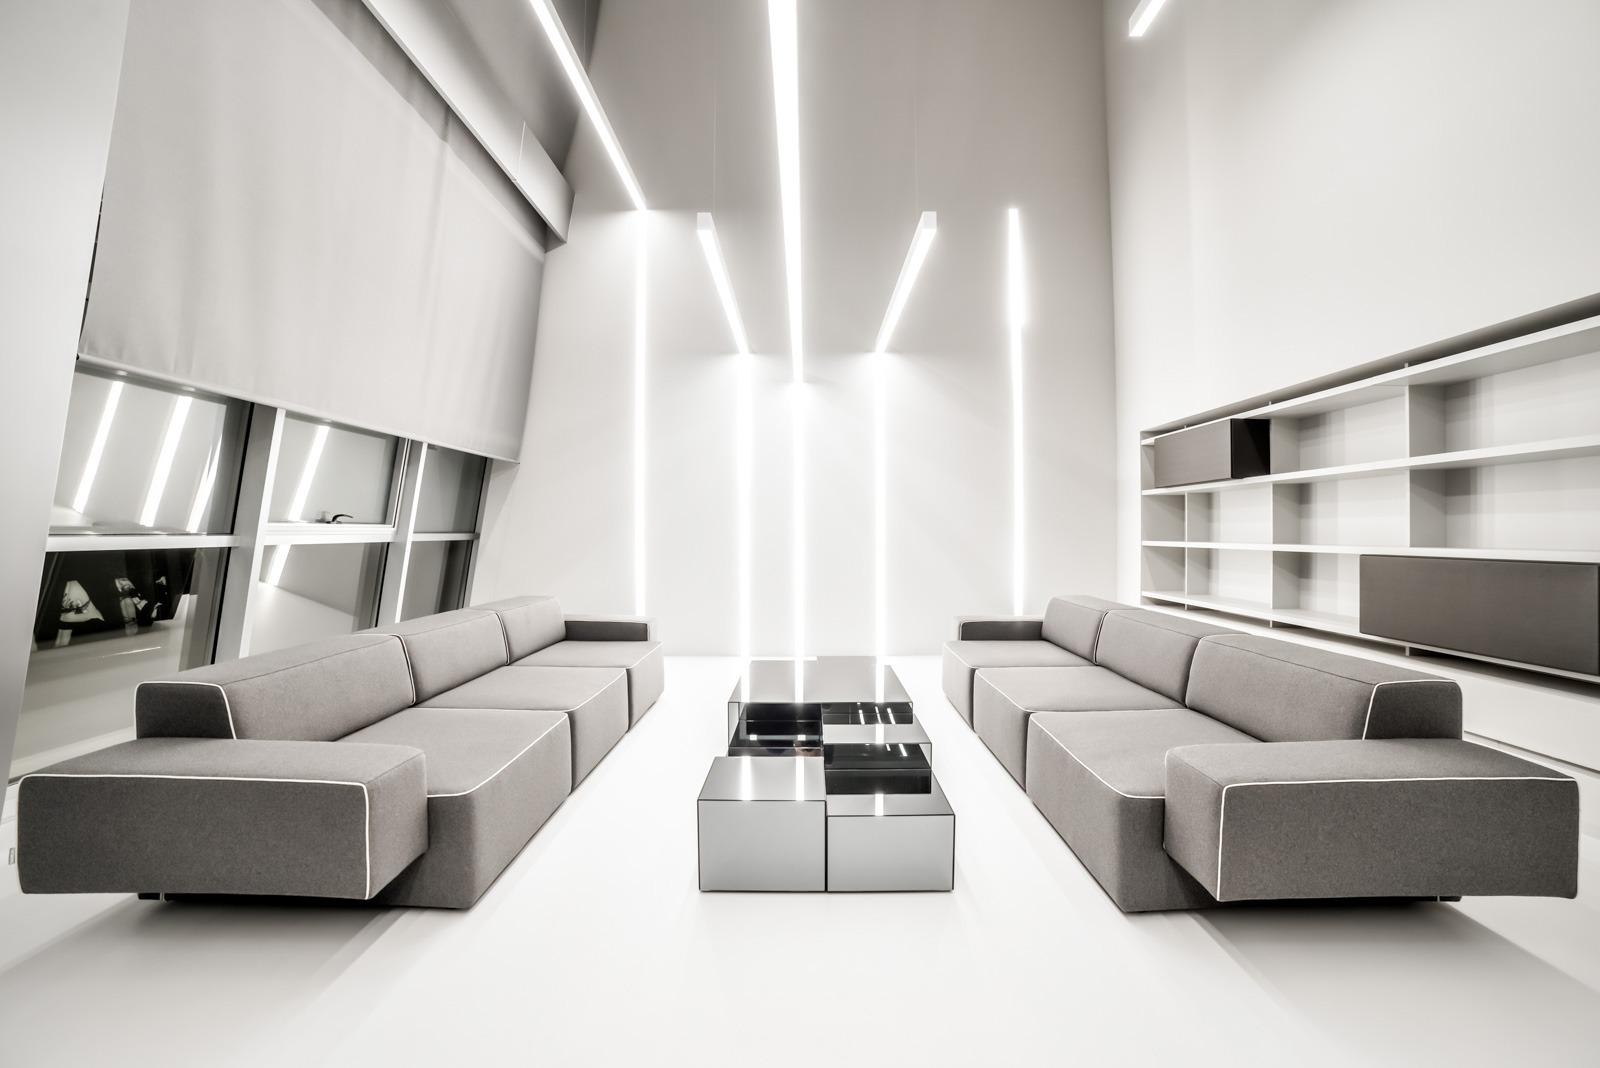 Soluciones Profesionales Fotografia y Video - Arquitectura Interiorismo